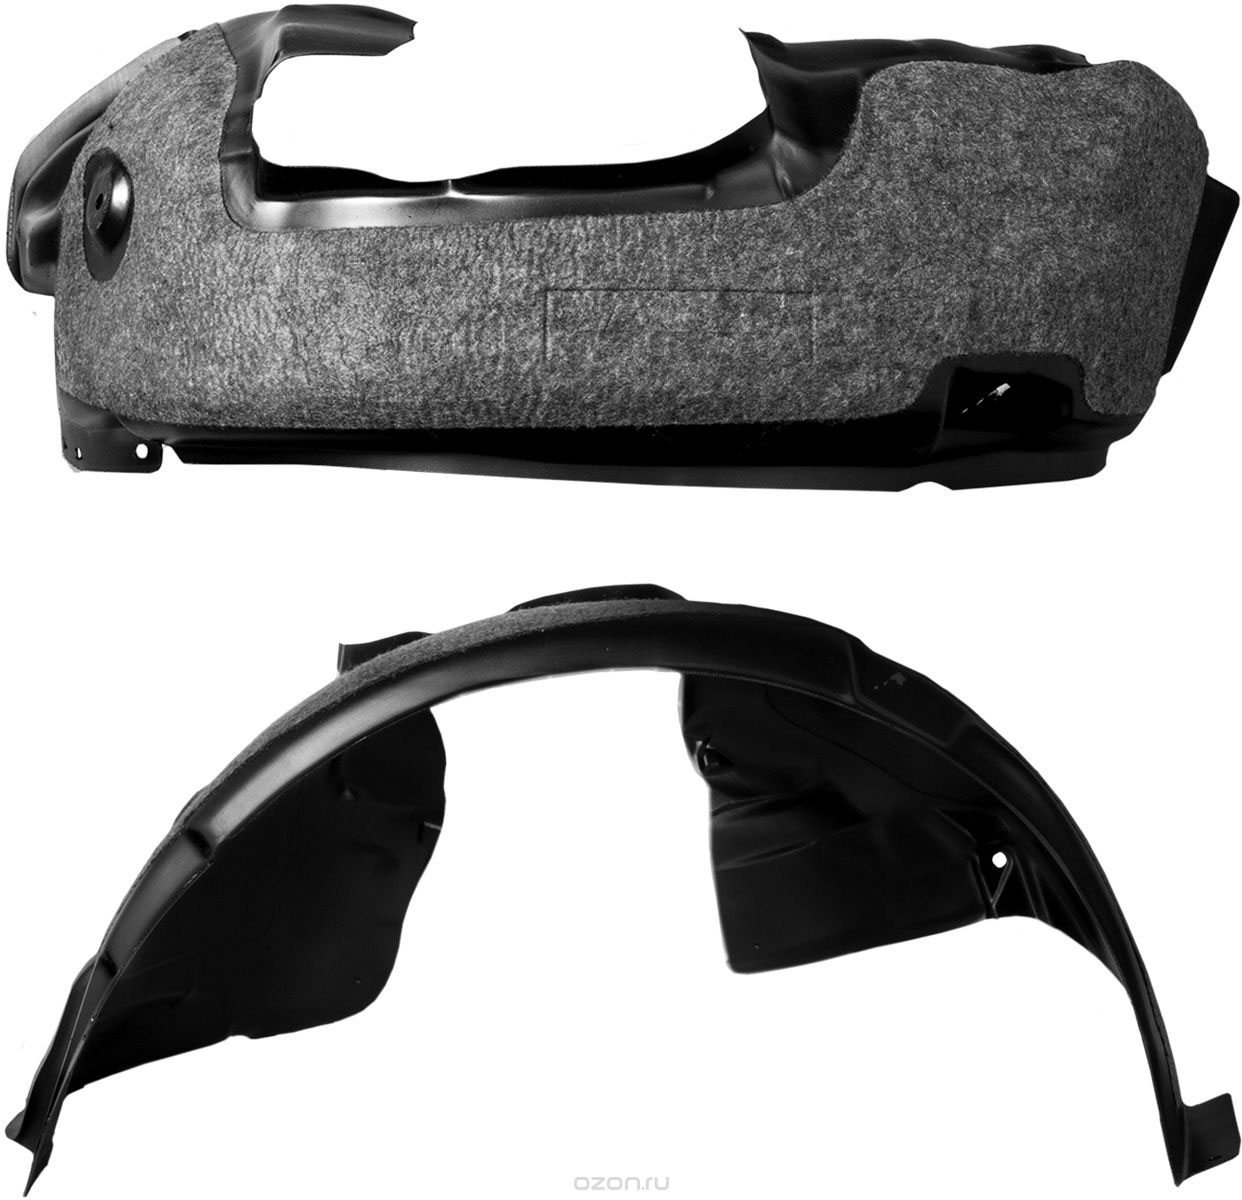 Подкрылок Novline-Autofamily с шумоизоляцией, для Skoda Octavia, 2013->, лифтбэк, задний правыйNLS.45.06.004Идеальная защита колесной ниши. Локеры разработаны с применением цифровых технологий, гарантируют максимальную повторяемость поверхности арки. Изделия устанавливаются без нарушения лакокрасочного покрытия автомобиля, каждый подкрылок комплектуется крепежом. Уважаемые клиенты, обращаем ваше внимание, что фотографии на подкрылки универсальные и не отражают реальную форму изделия. При этом само изделие идет точно под размер указанного автомобиля.